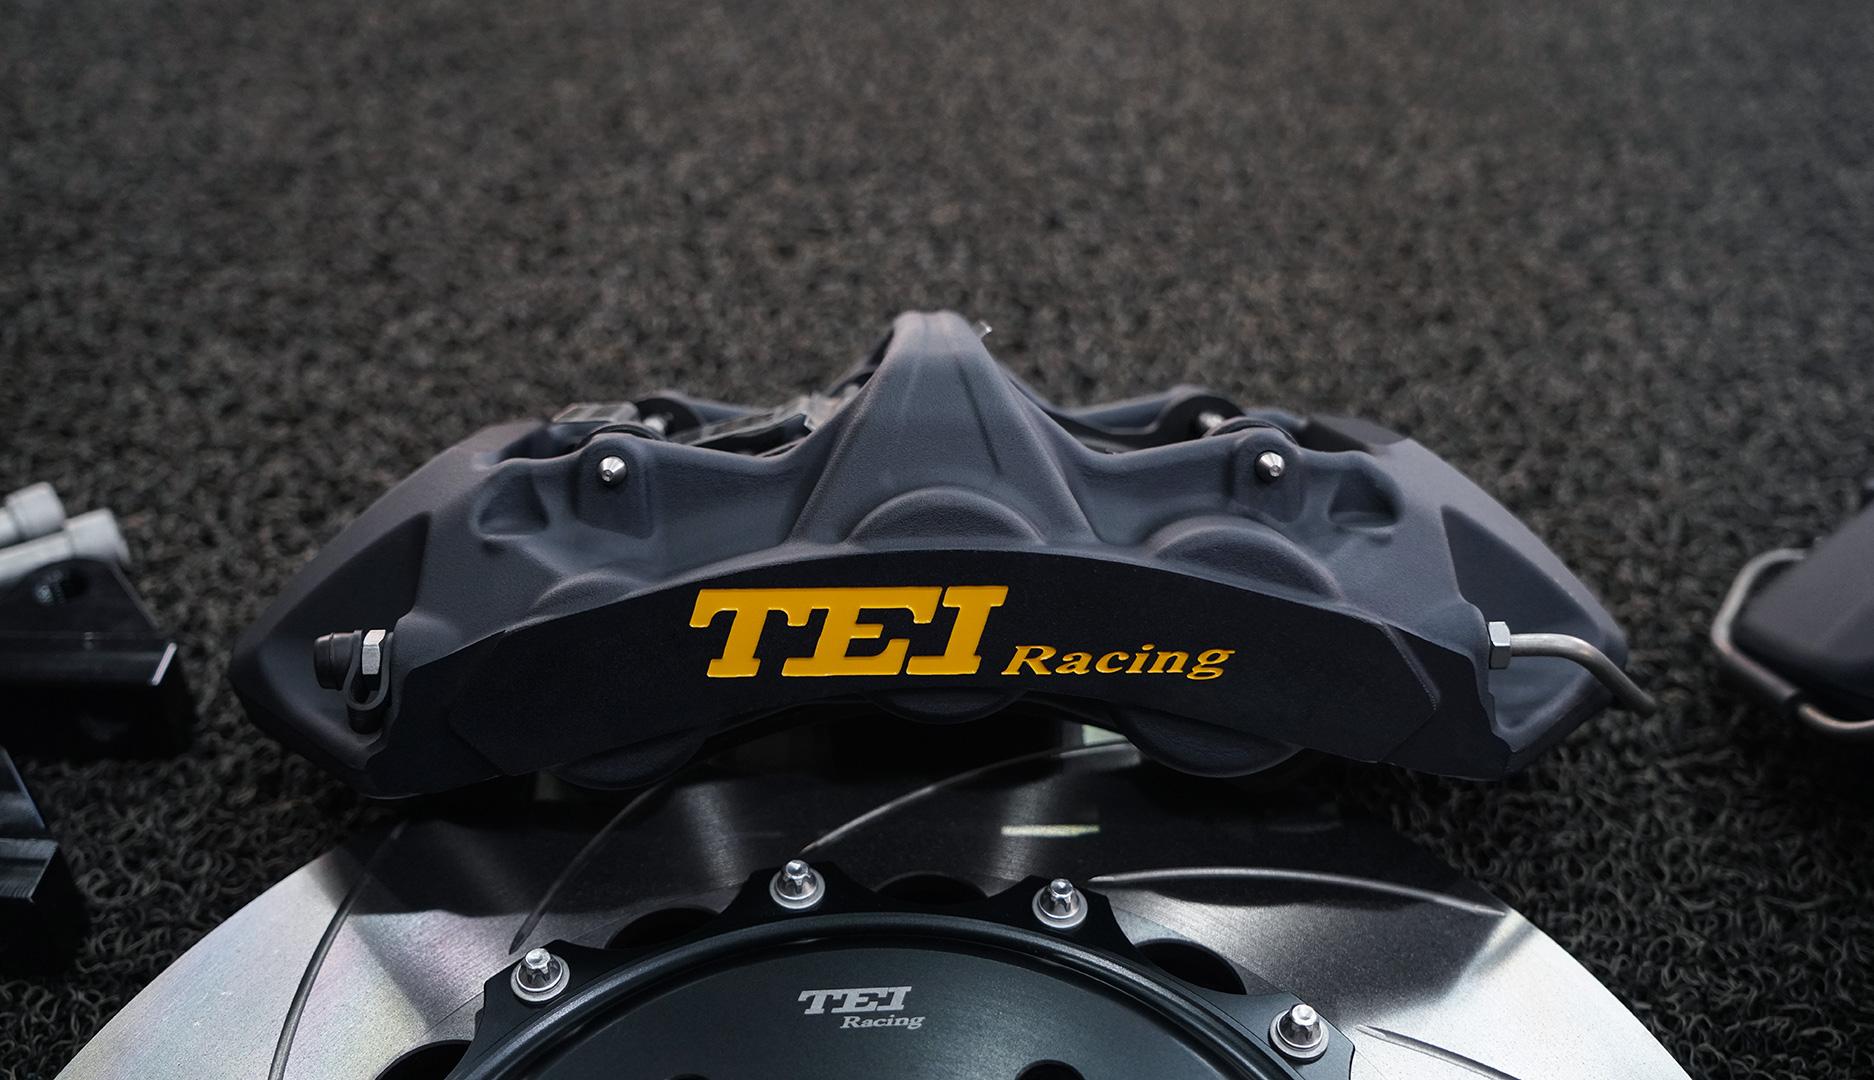 丰田埃尔法改装TEI Racing S60 Super竞技版高